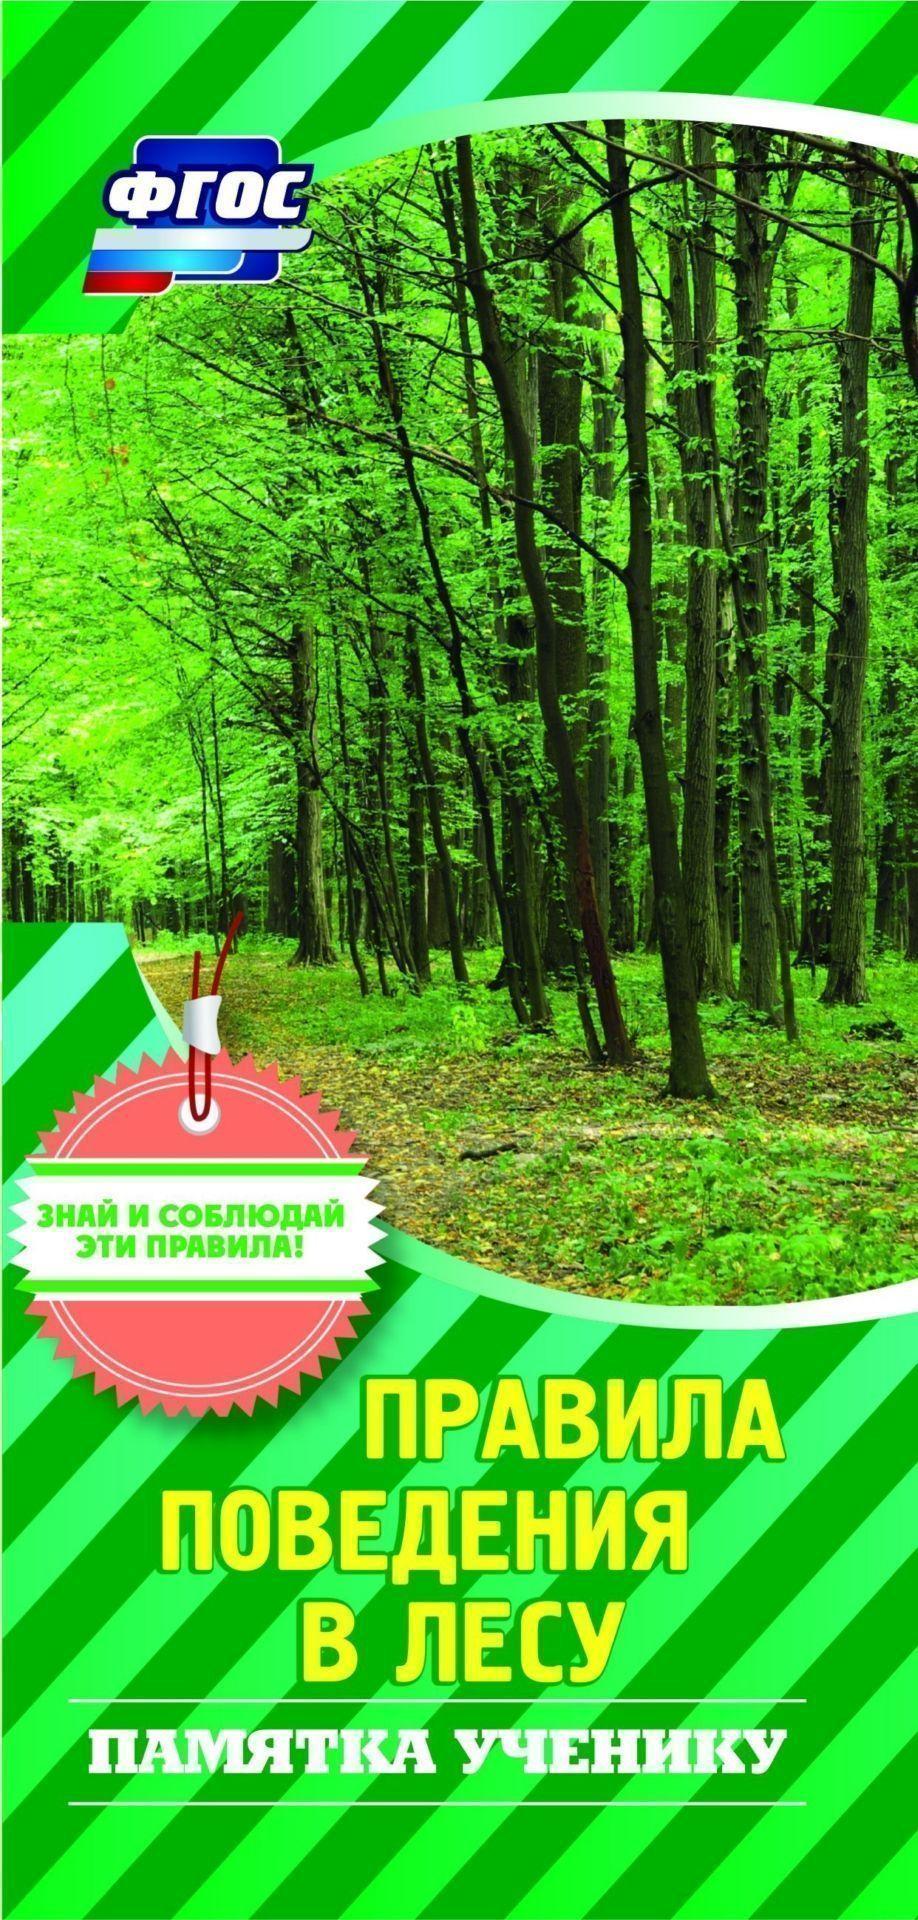 Памятка ученику Правила поведения в лесу